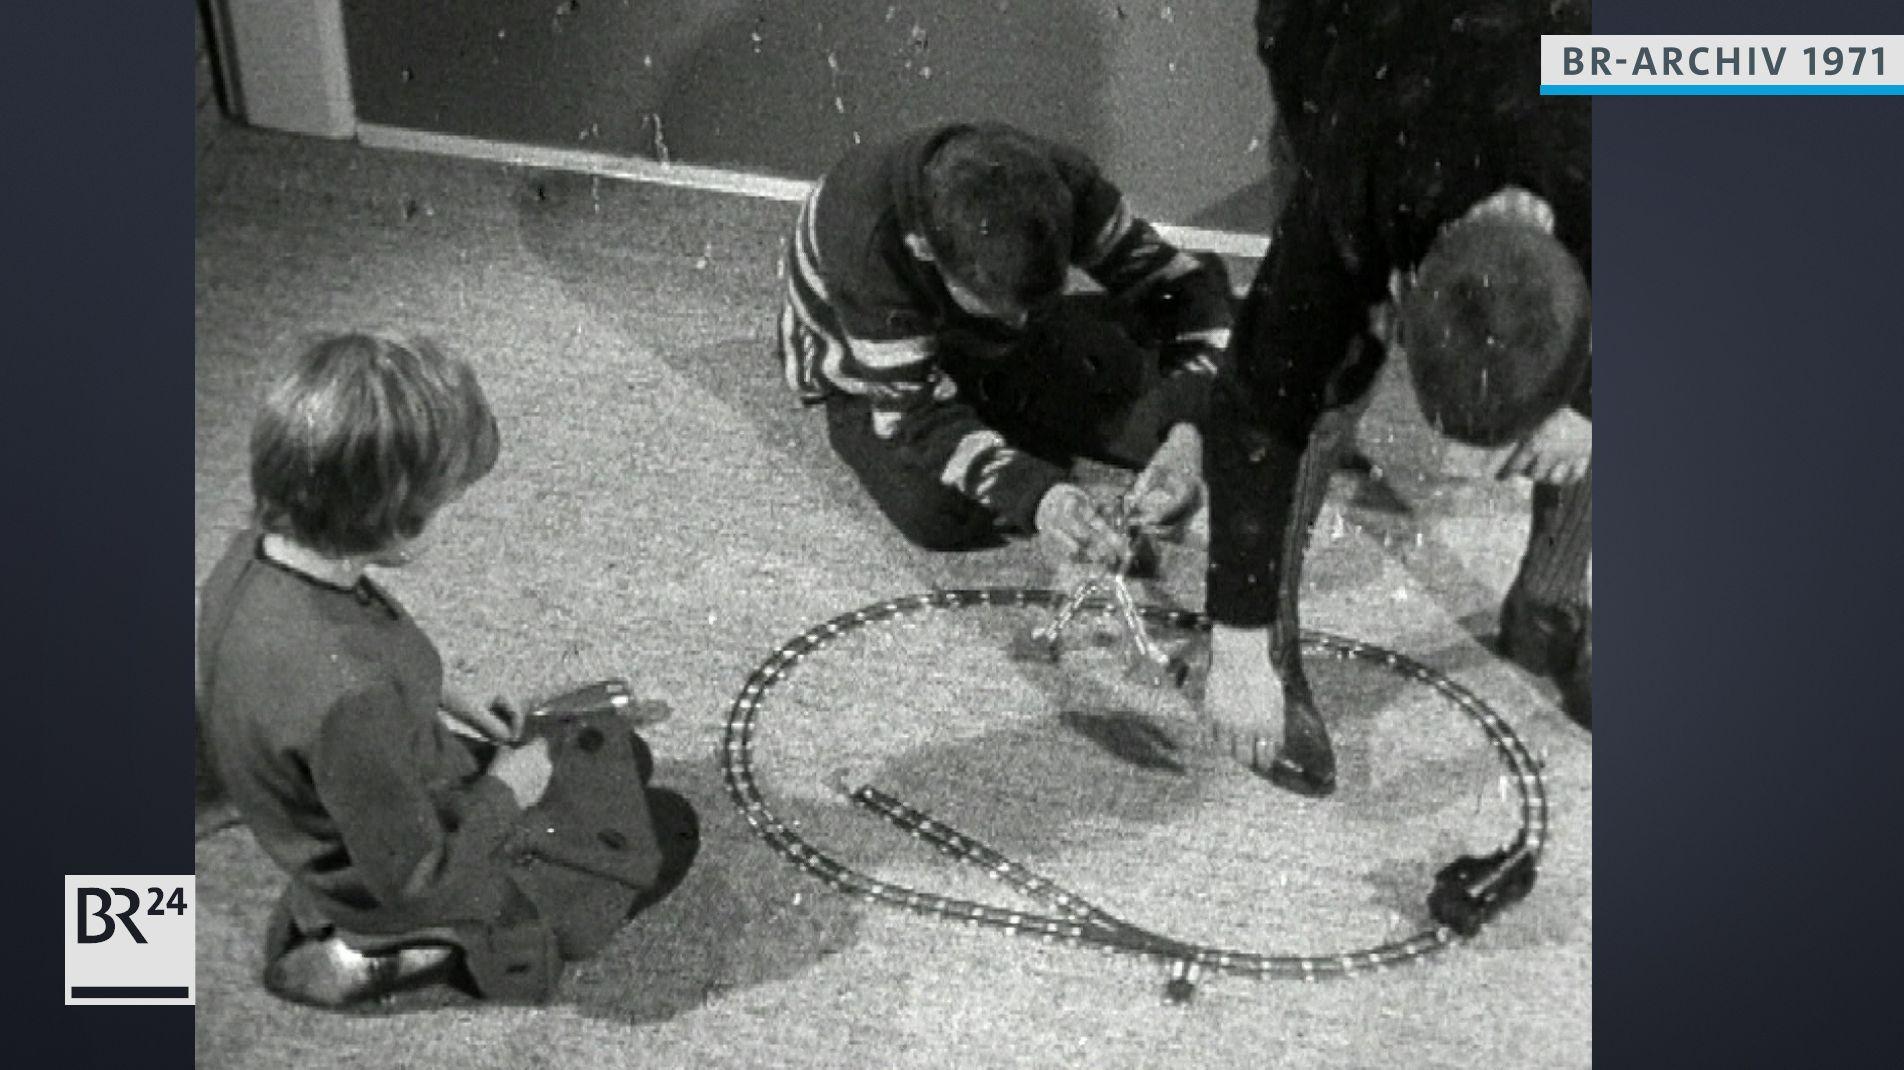 Kinder auf dem Boden beim Spielen mit einer Modelleisenbahn